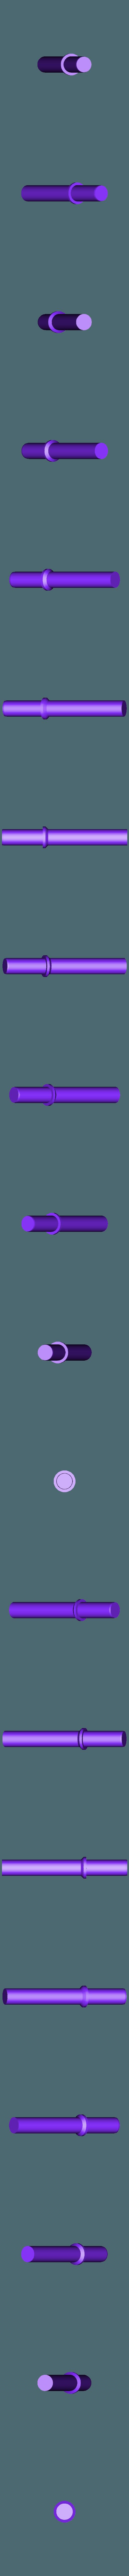 4_shaft_left.stl Télécharger fichier STL gratuit mini Wind-Up Boat Dual Drive - sans vis - impression complète en 3d • Plan imprimable en 3D, GreenDot